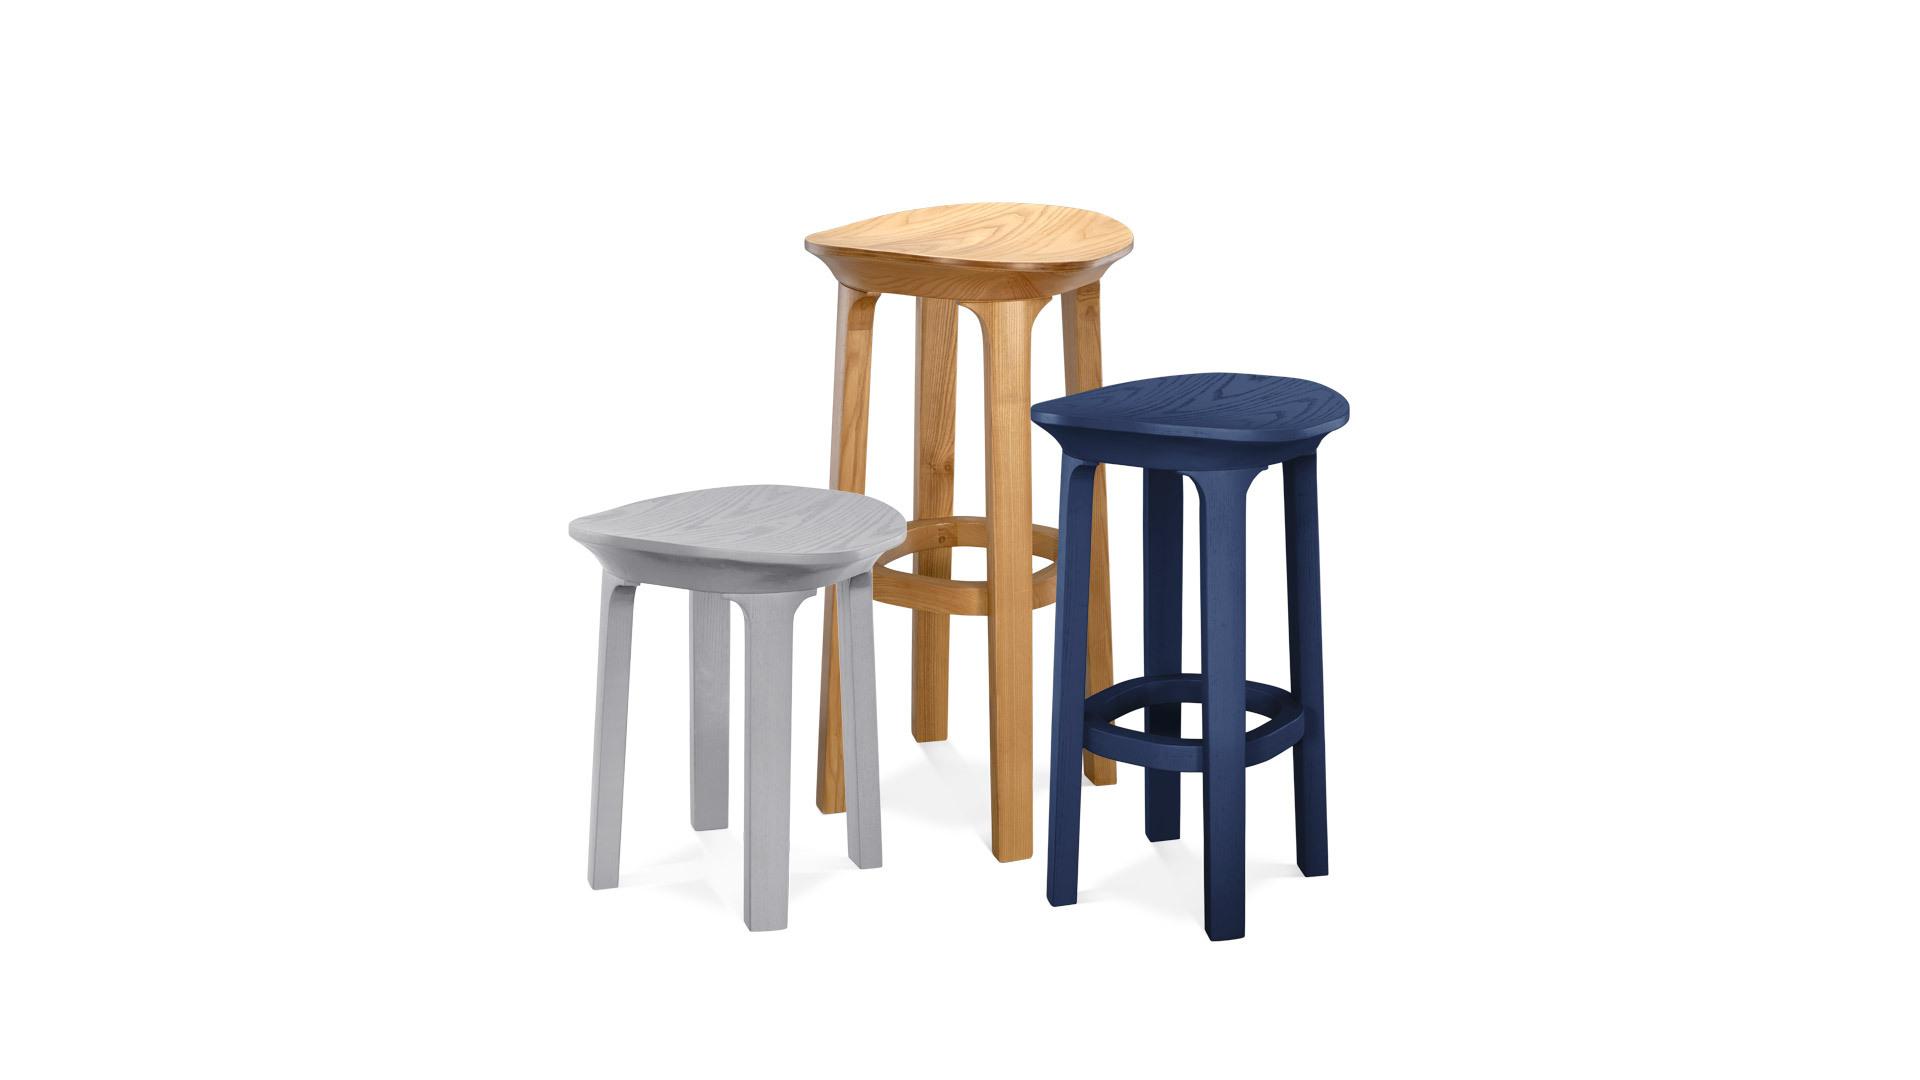 瓦檐小凳中高凳椅凳